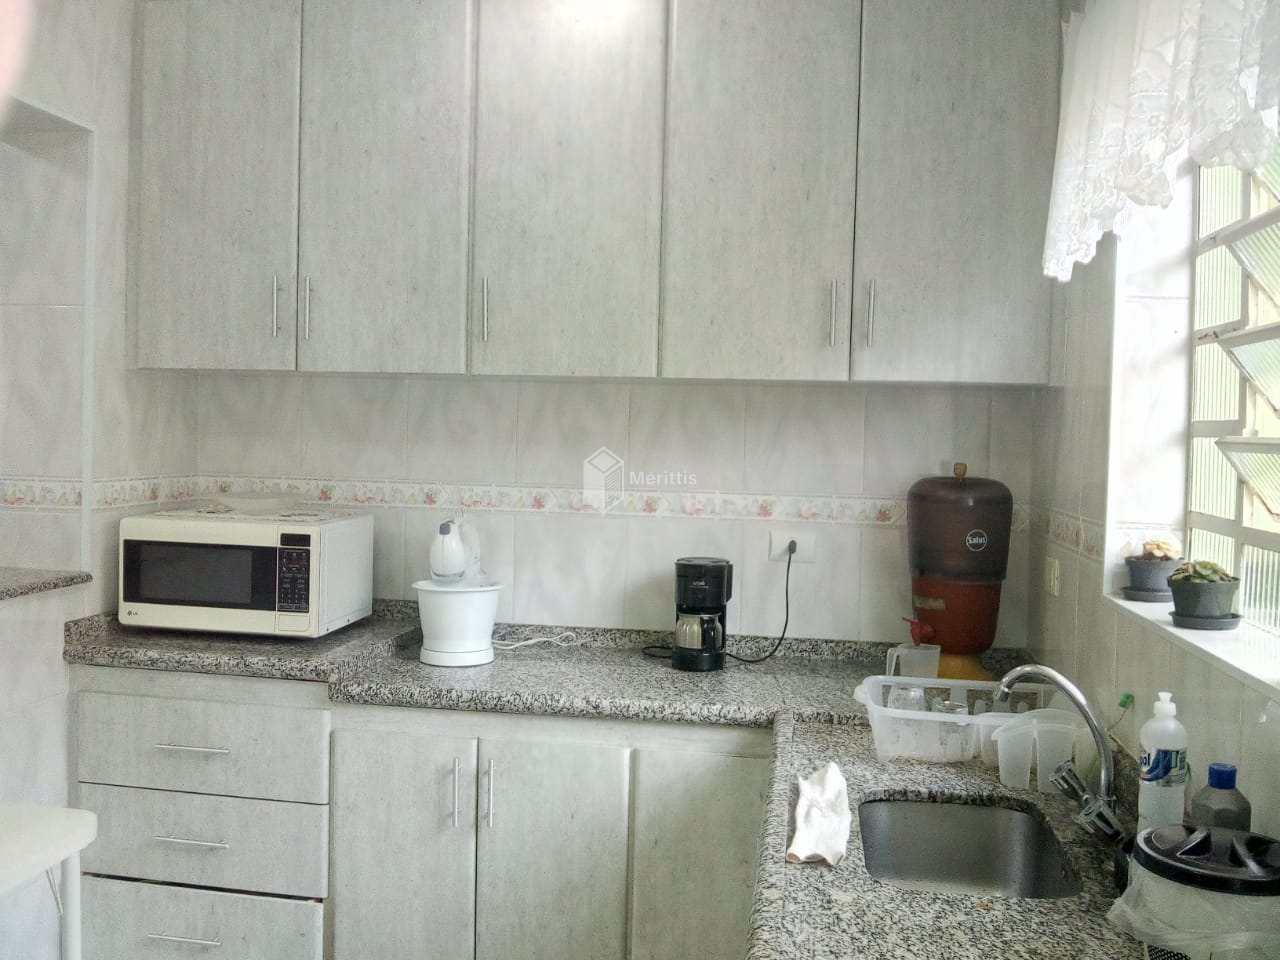 Sobrado com 2 dorms, Bosque da Saúde, São Paulo - R$ 670 mil, Cod: 656